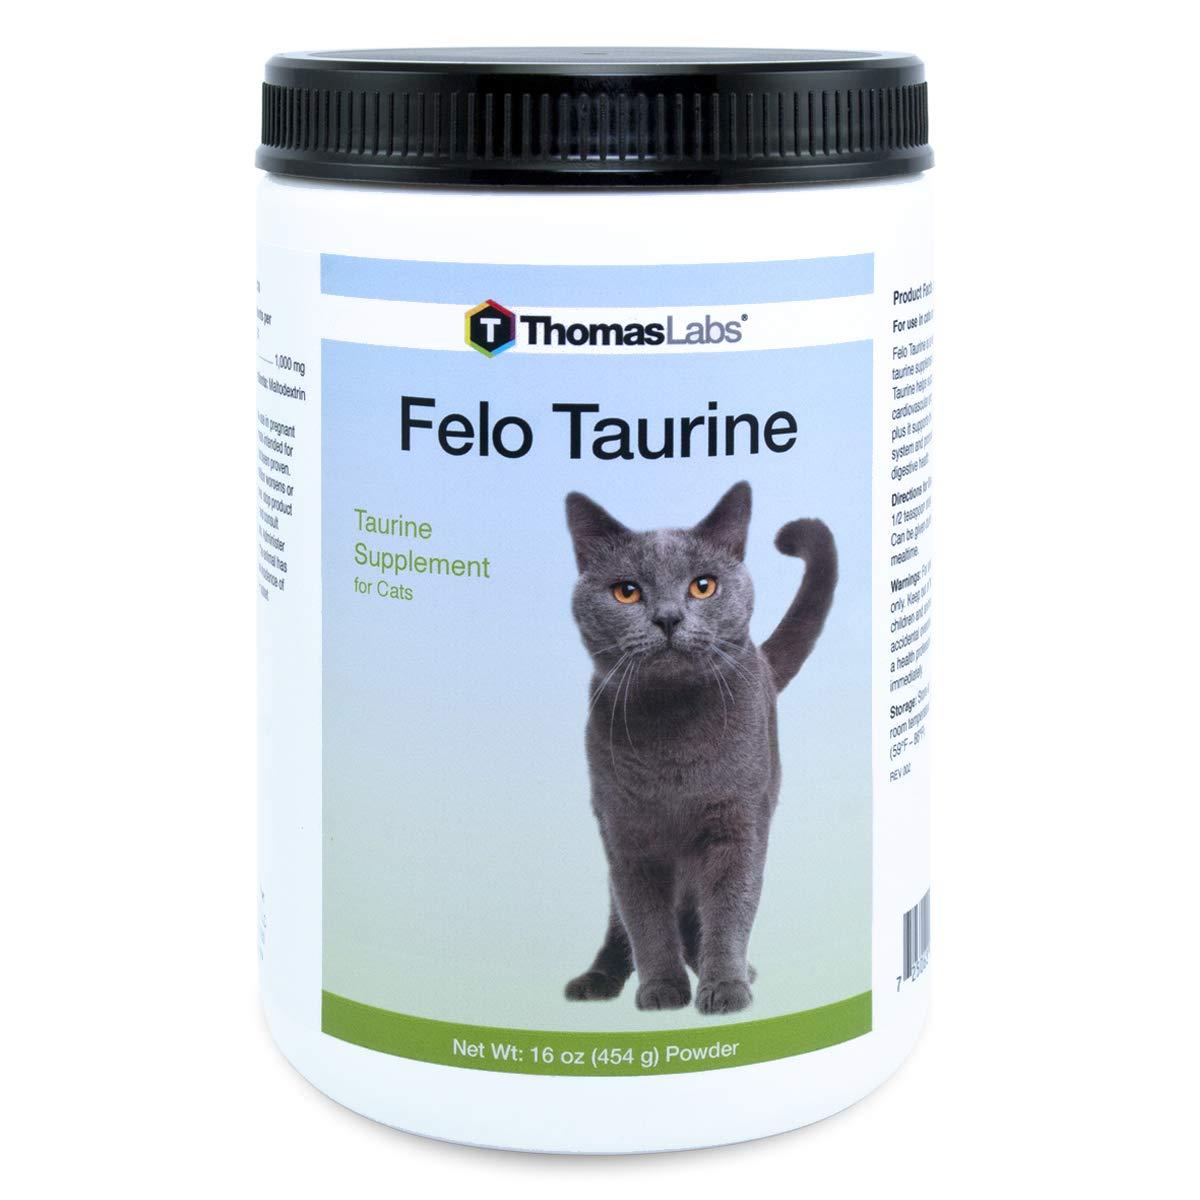 Thomas Labs Felo Taurine 16 ounce Powder by Thomas Lab